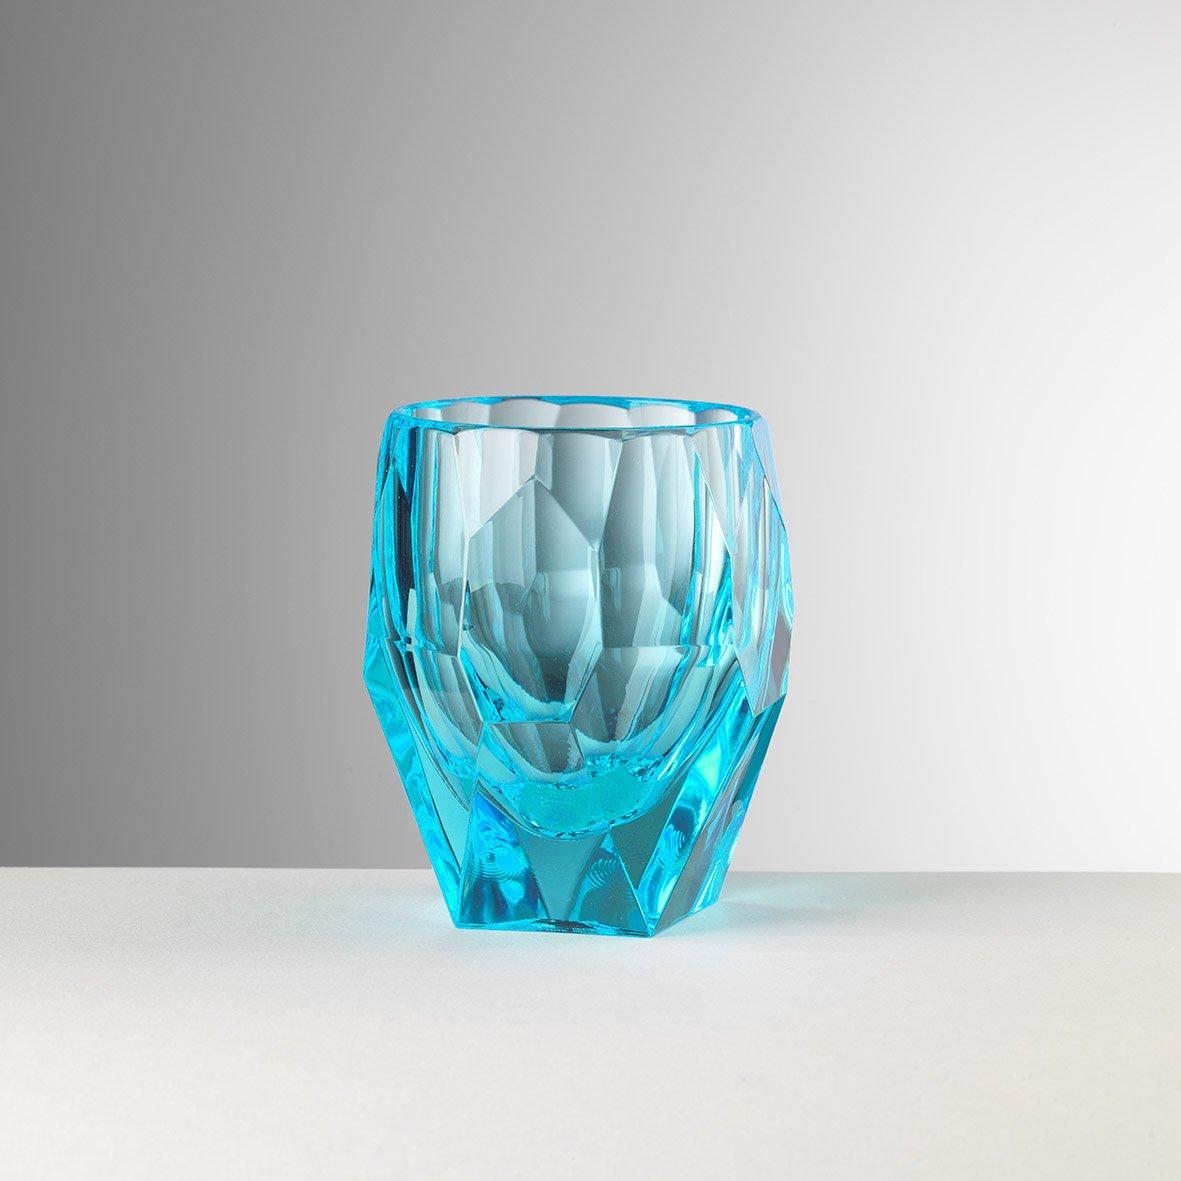 Marioluca Giusti Set 6 Milly Glass Turquoise B01MTM3UVB